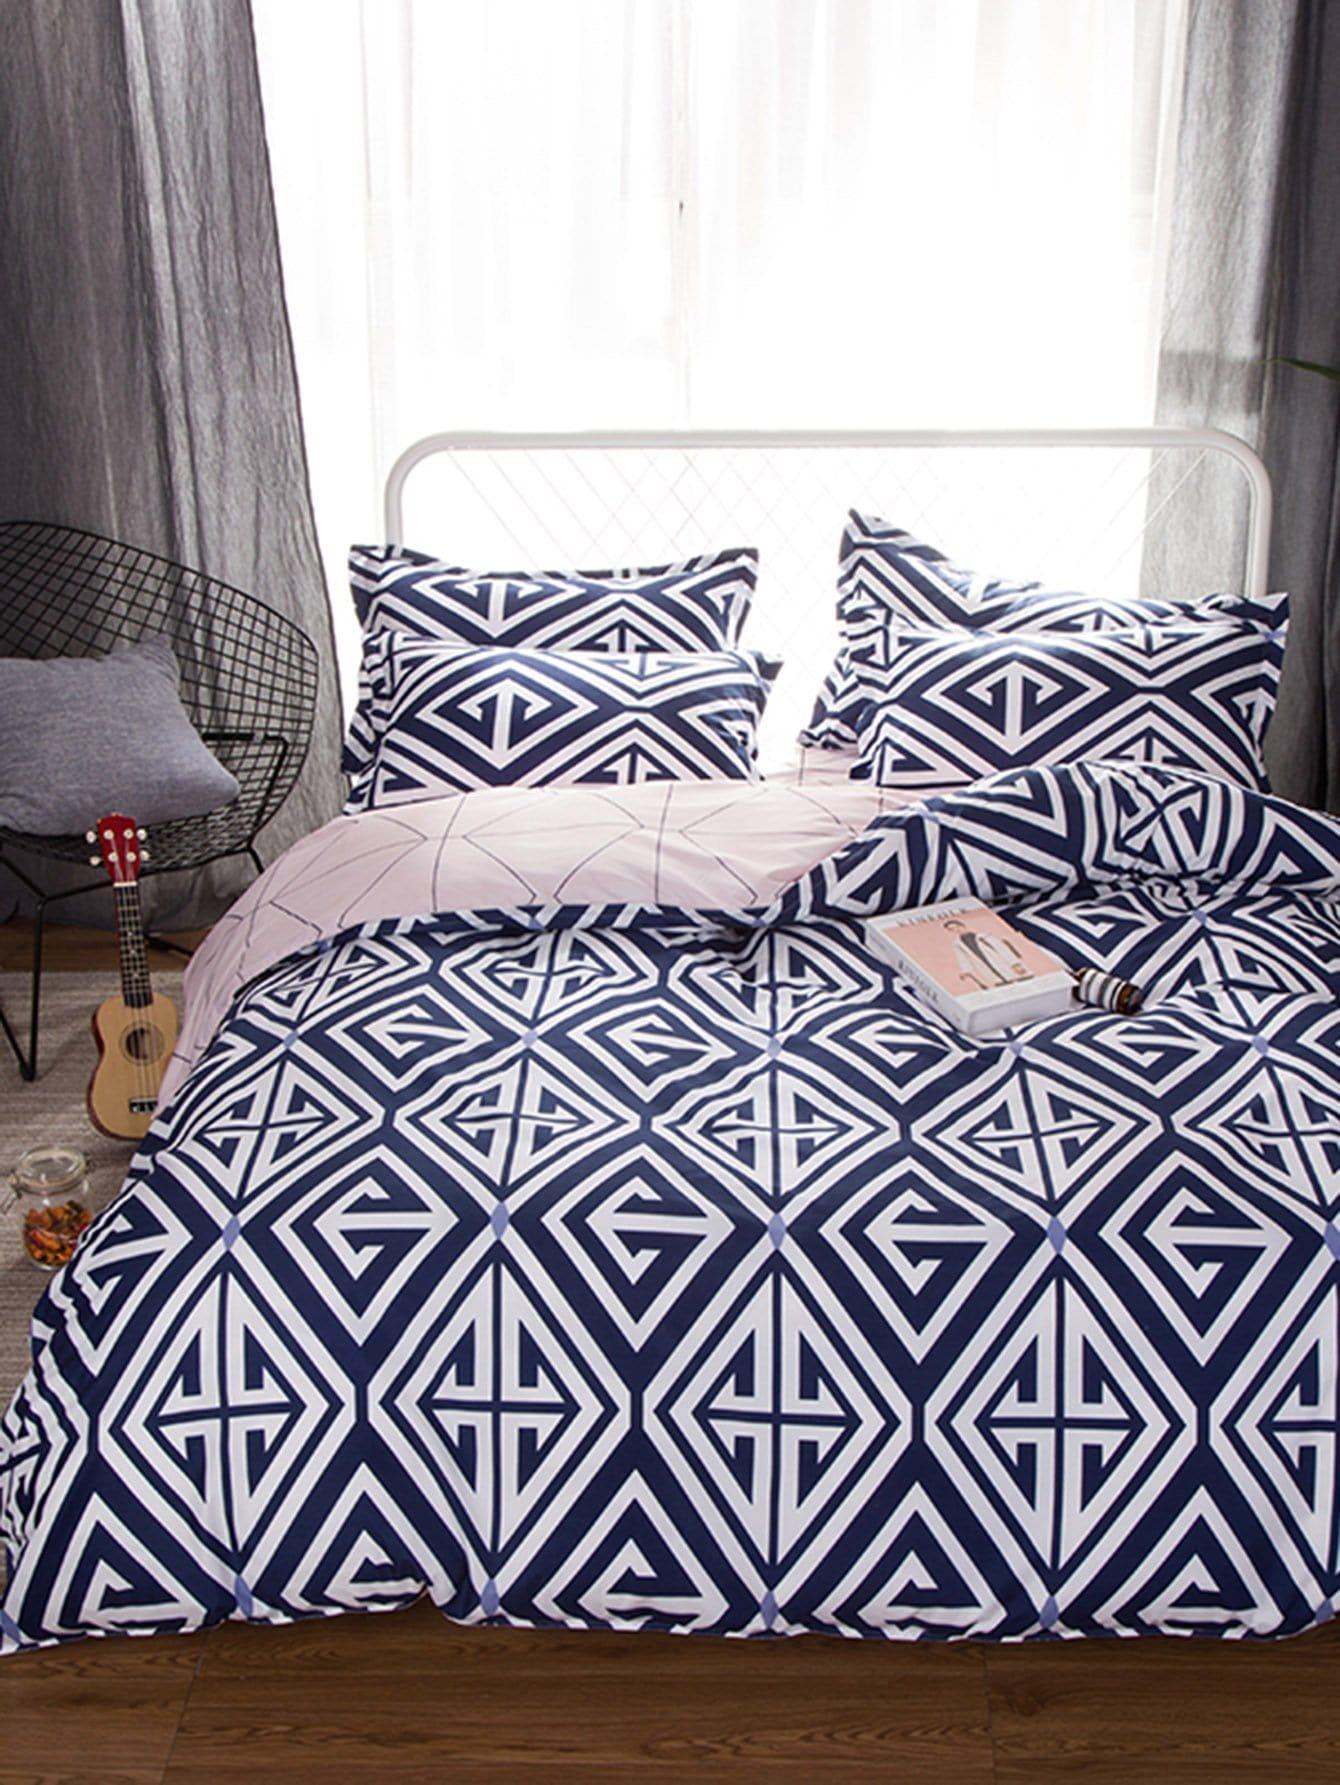 Геометрический принт Комплект постельного белья Многоцветный Постельное белье